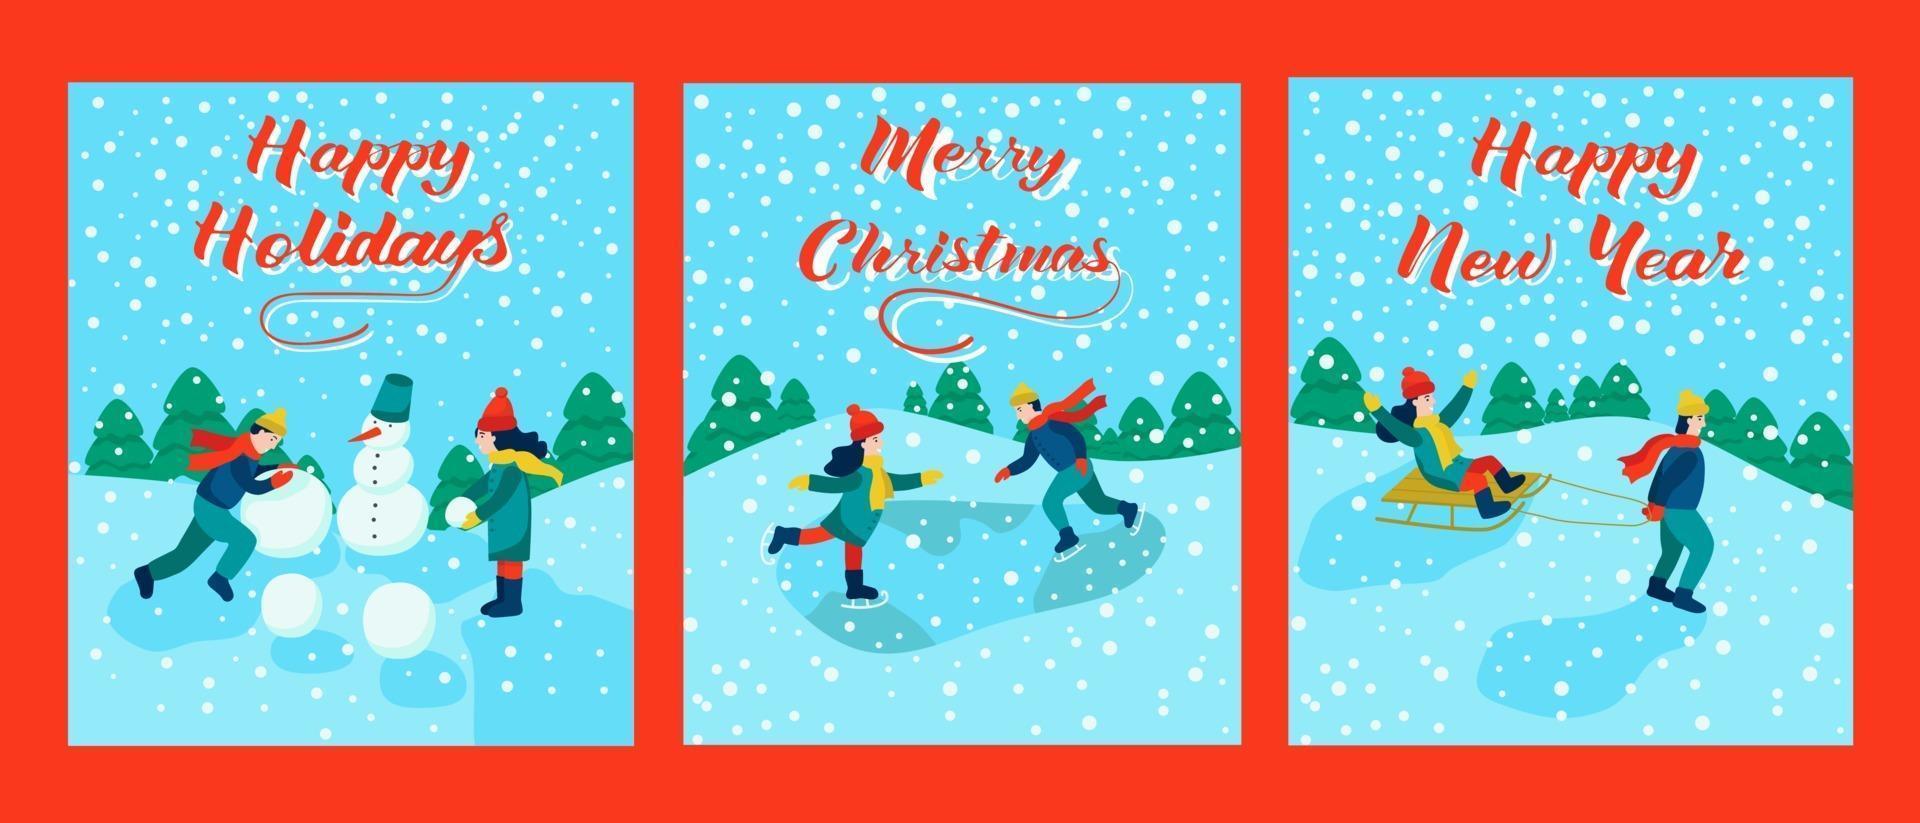 ensemble de cartes de vœux. lettrage joyeux noël, bonne année, joyeuses fêtes. les enfants font de la luge, du patinage, fabriquent un bonhomme de neige. illustration vectorielle. vecteur